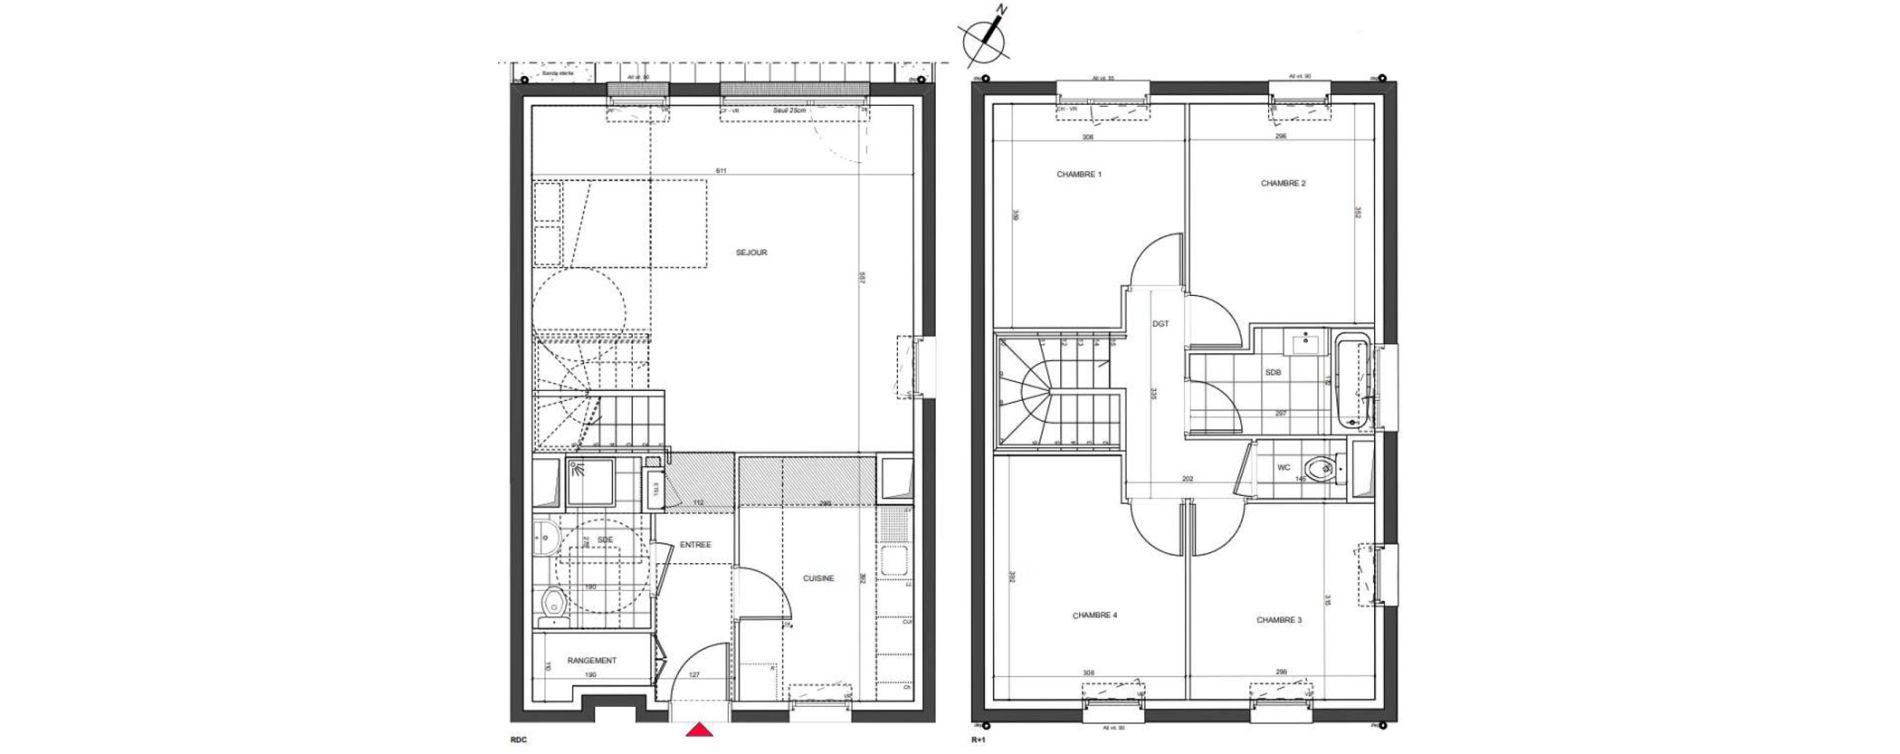 Maison T5 de 105,32 m2 à Nancy Charles iii